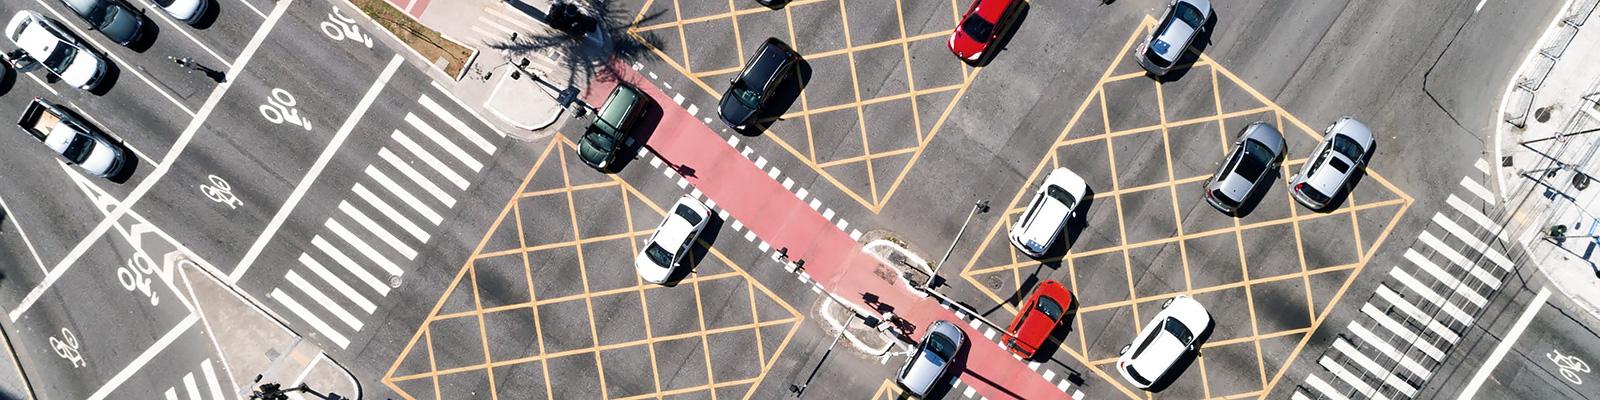 自動車 道路 イメージ